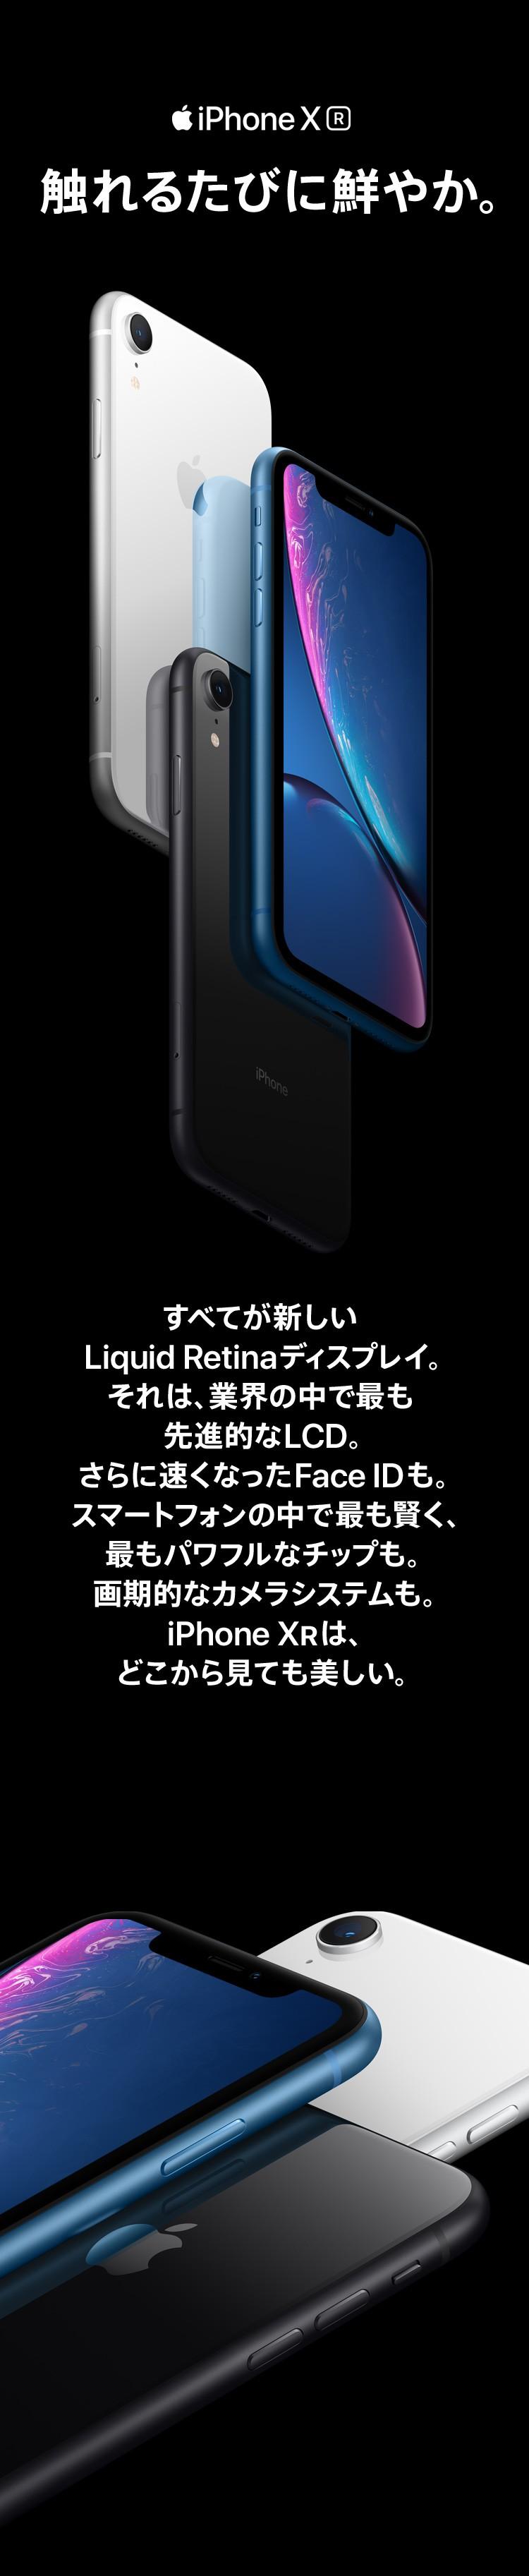 iPhone XR 触れるたびに鮮やか。すべてが新しいLiquid Retinaディスプレイ。それは、業界の中で最も先進的なLCD。さらに速くなったFace IDも。スマートフォンの中で最も賢く、最もパワフルなチップも。画期的なカメラシステムも。iPhone XRは、どこから見ても美しい。